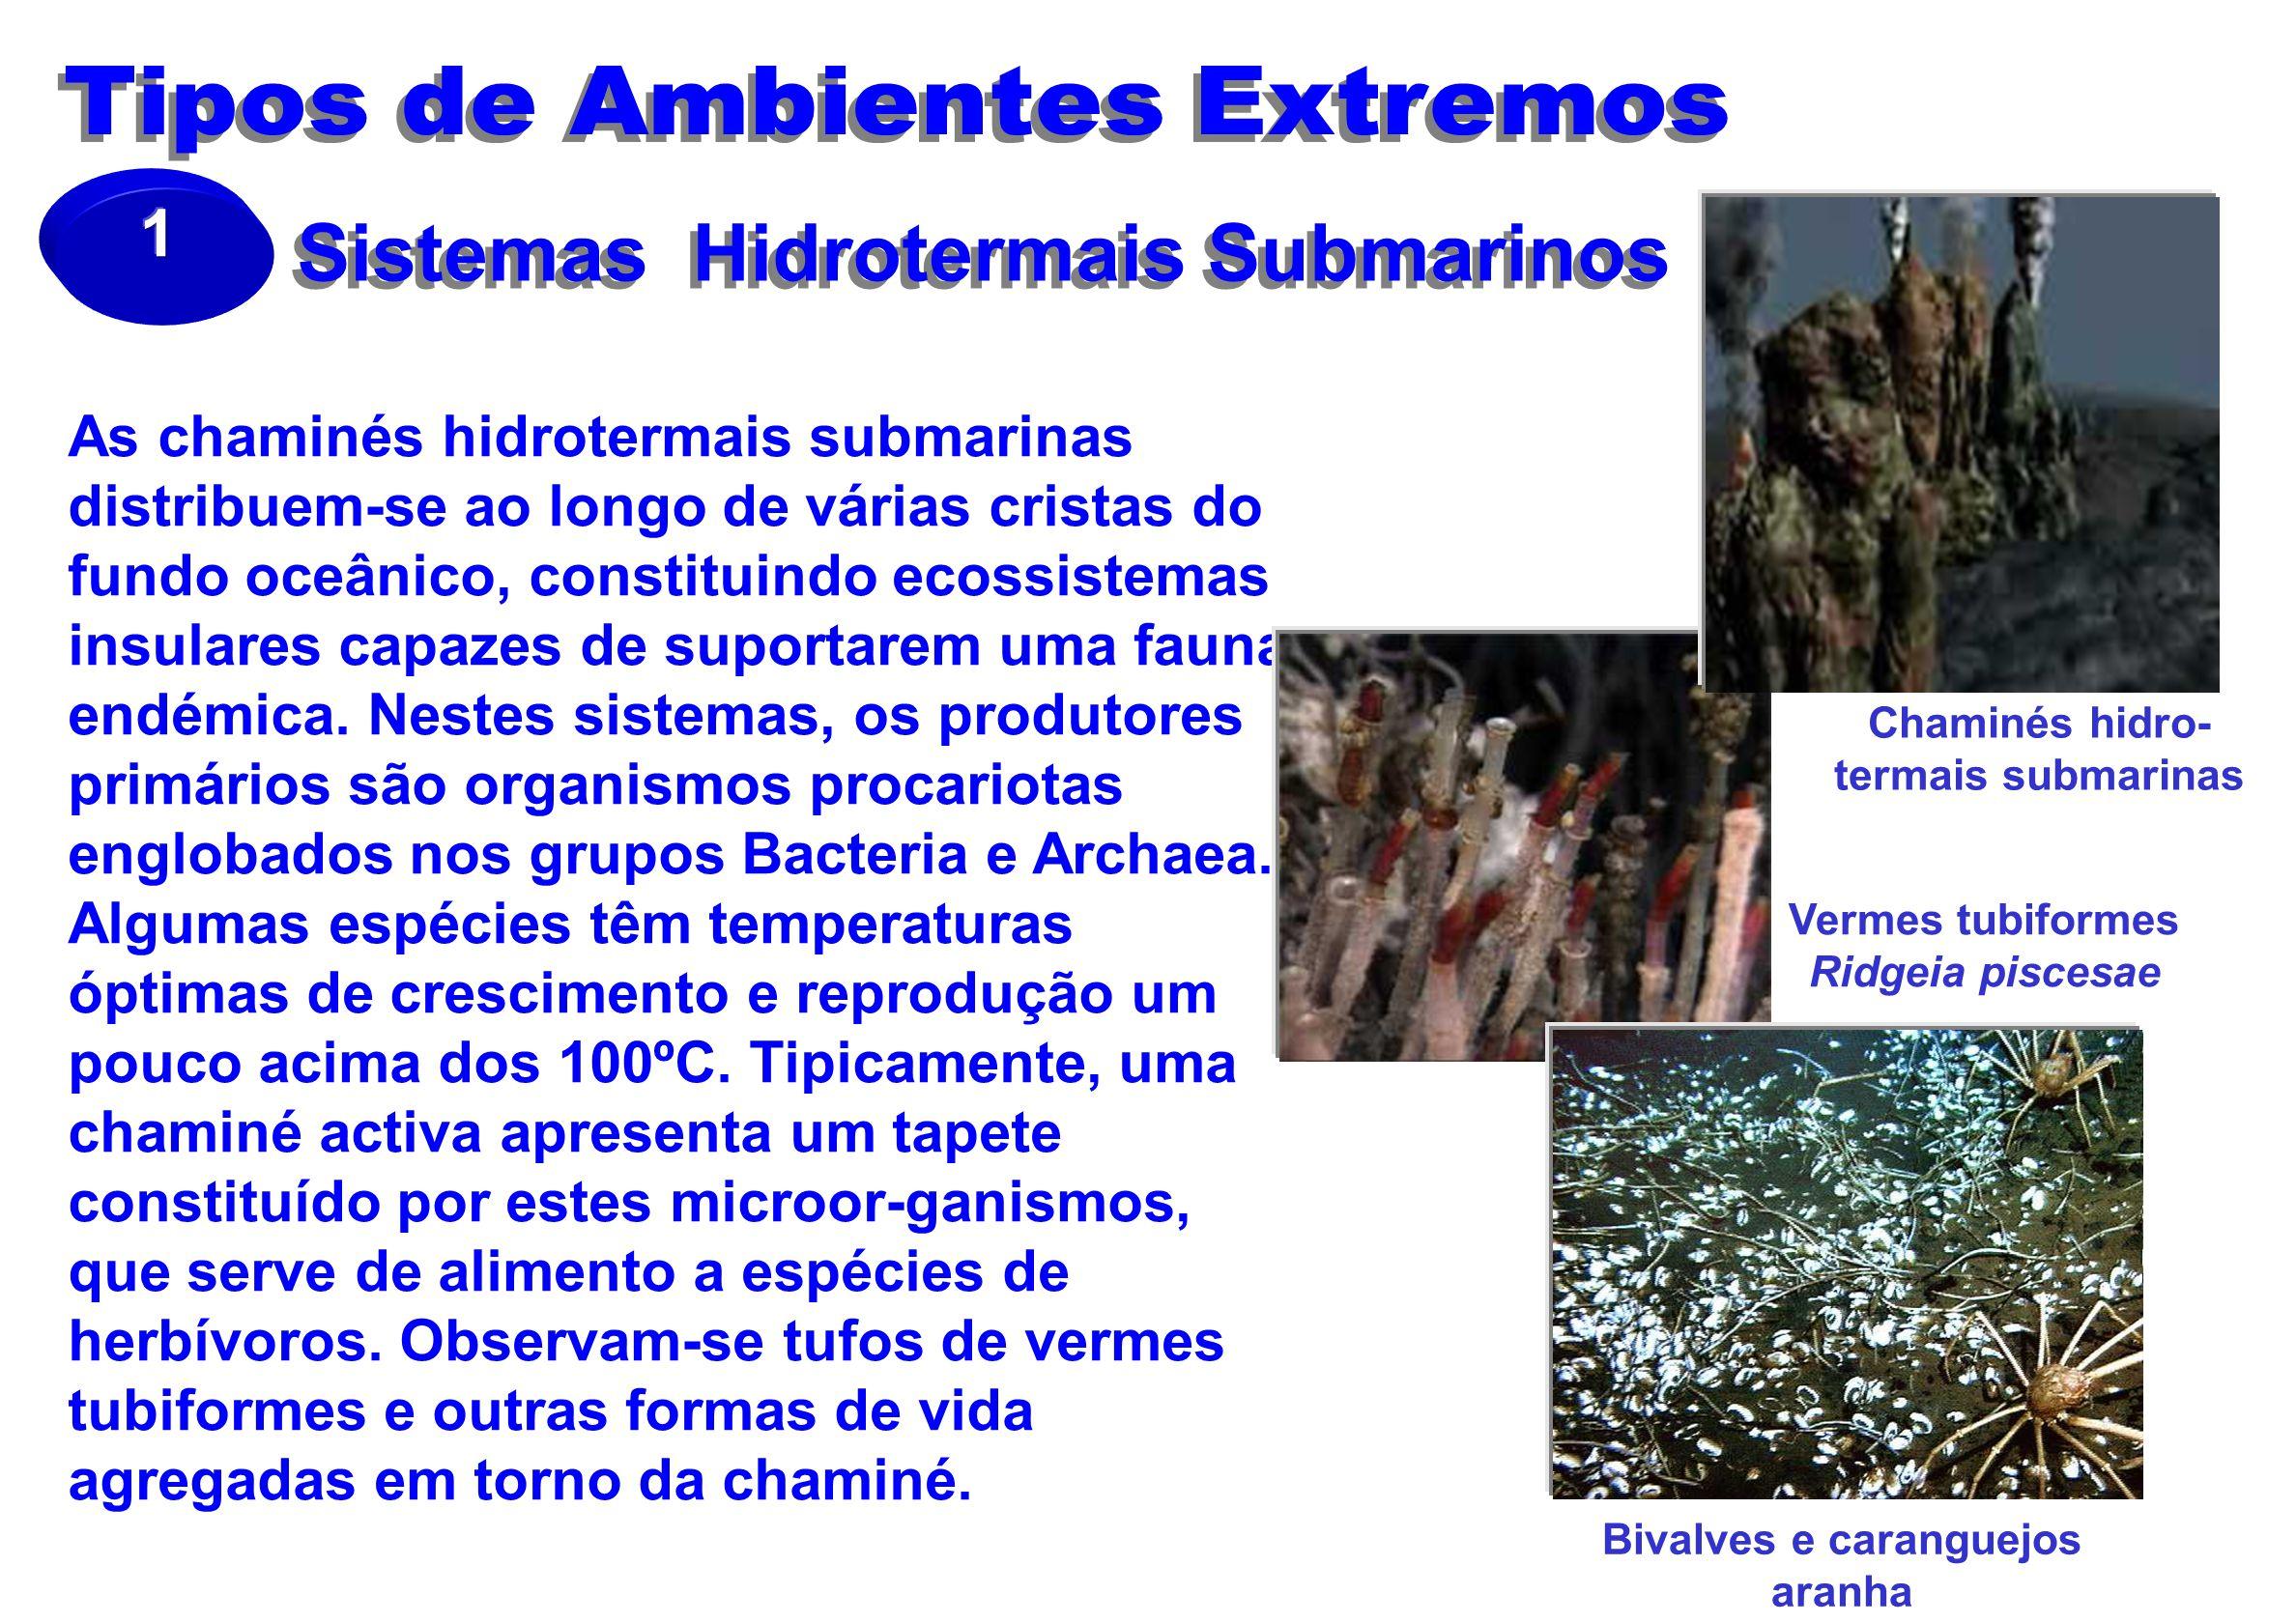 Sistemas Hidrotermais Submarinos